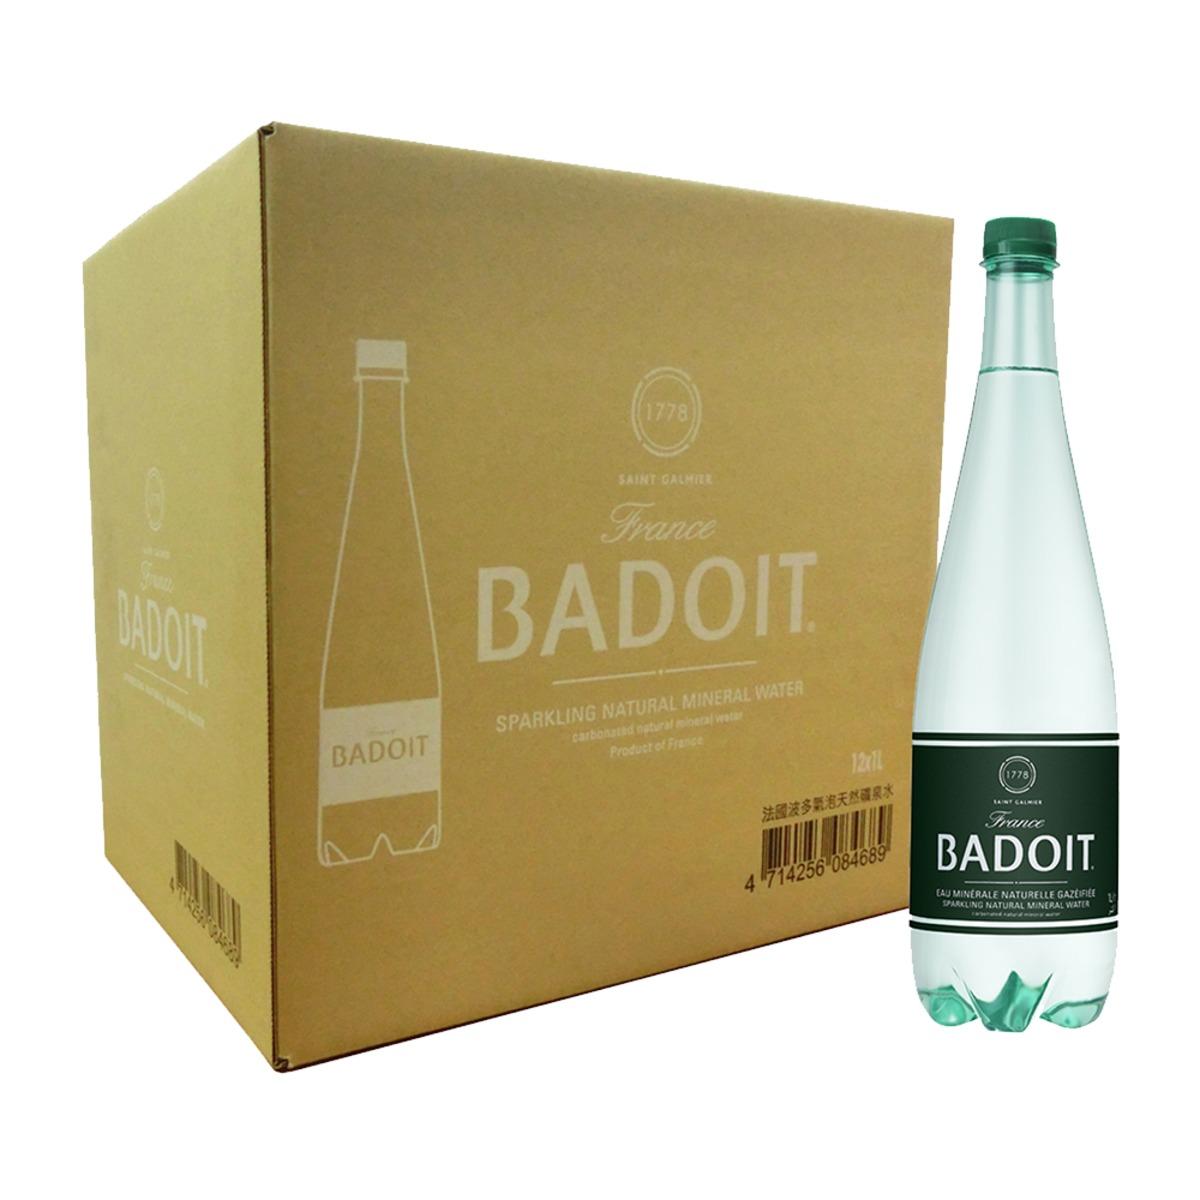 BADOIT 波多 氣泡天然礦泉水 1000毫升 X 12瓶